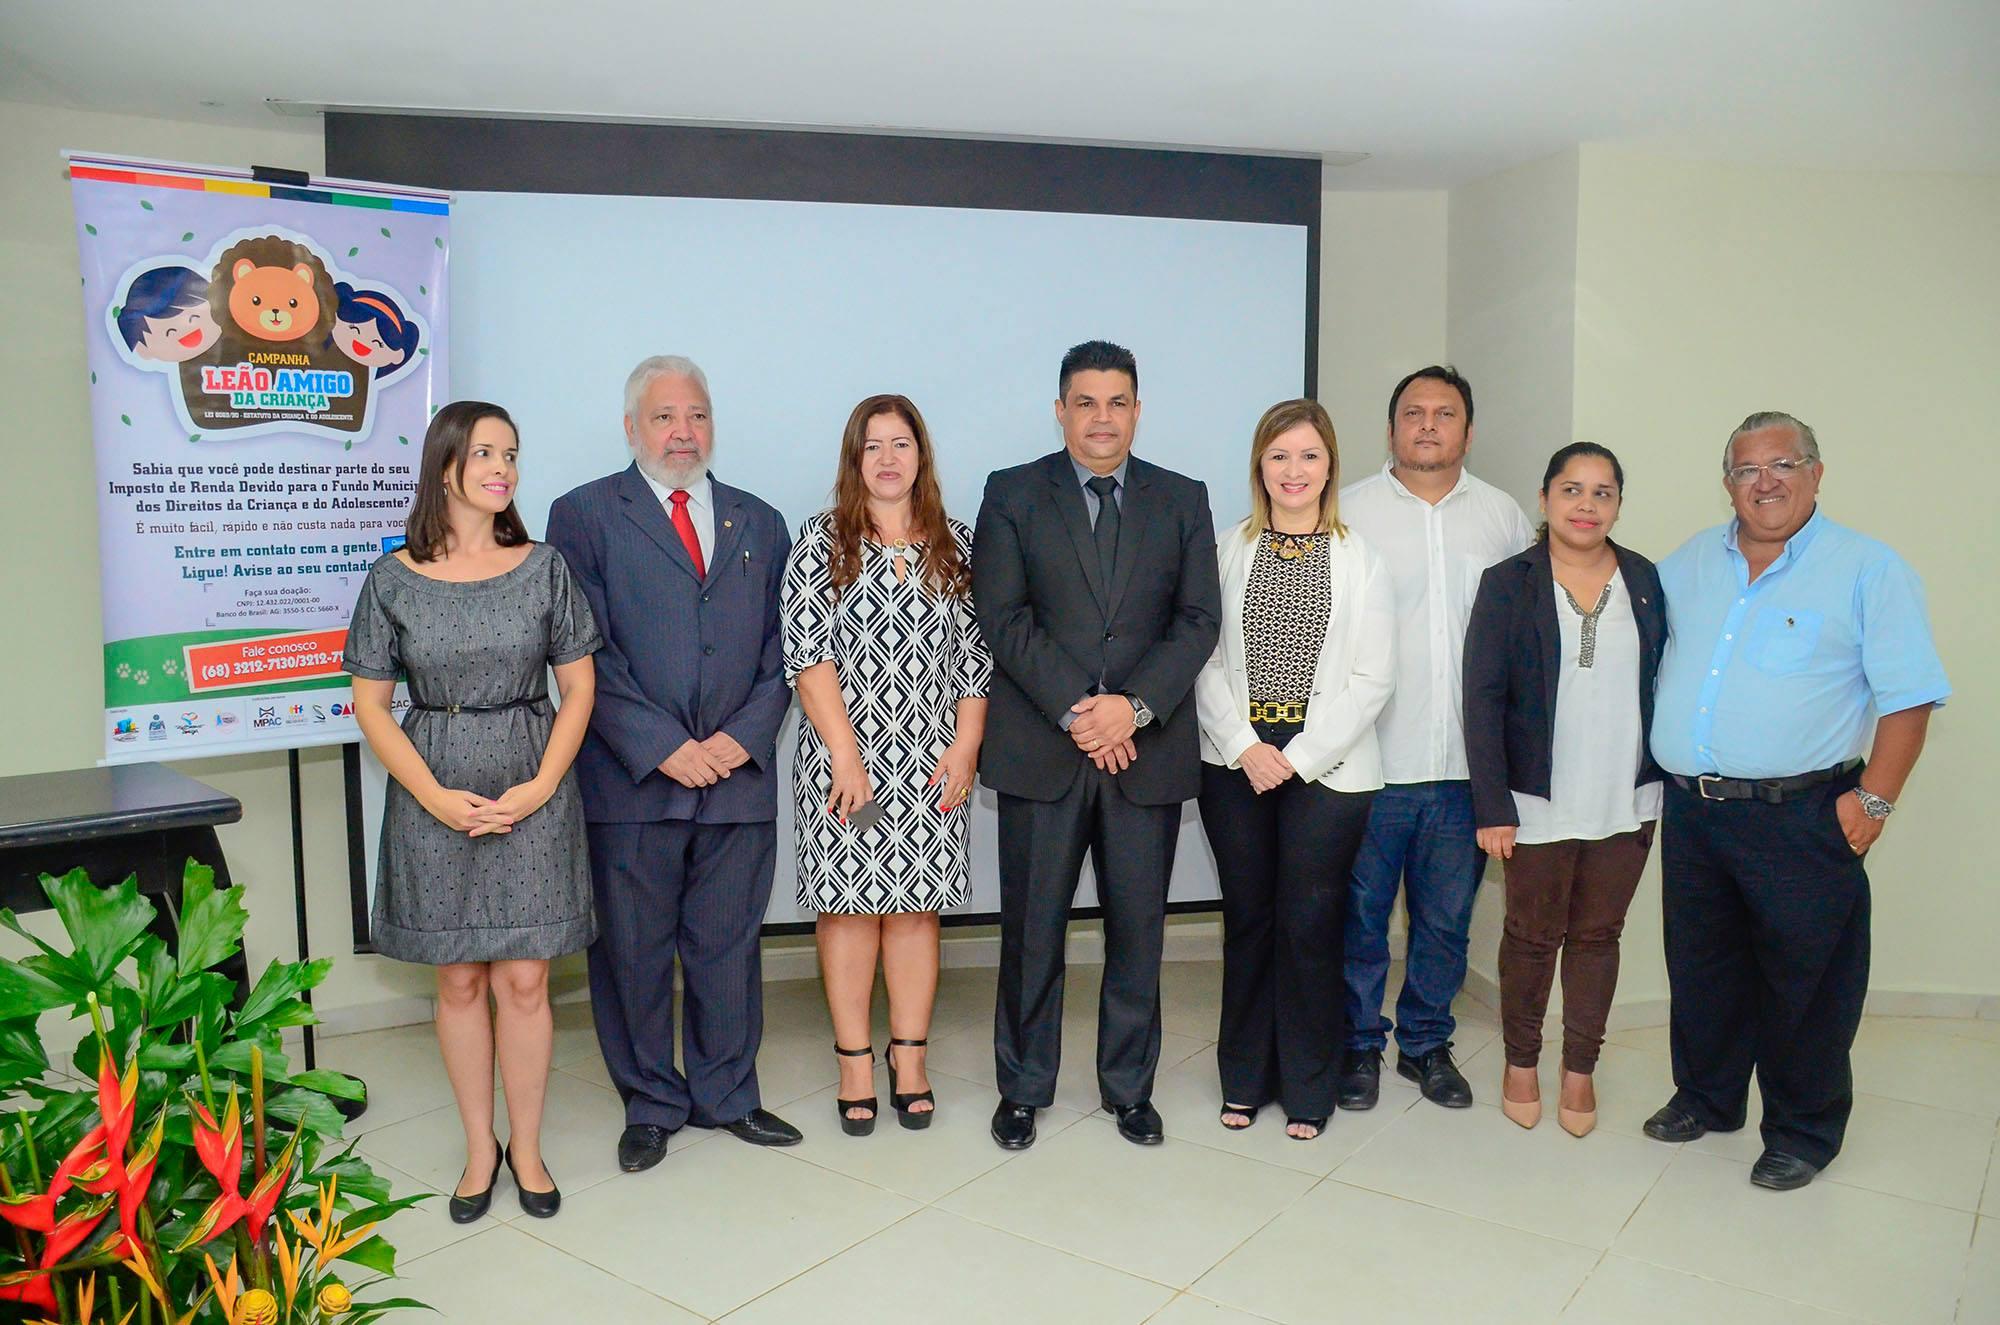 Presidente Manuel Marcos participa do lançamento Campanha Leão Amigo da Criança